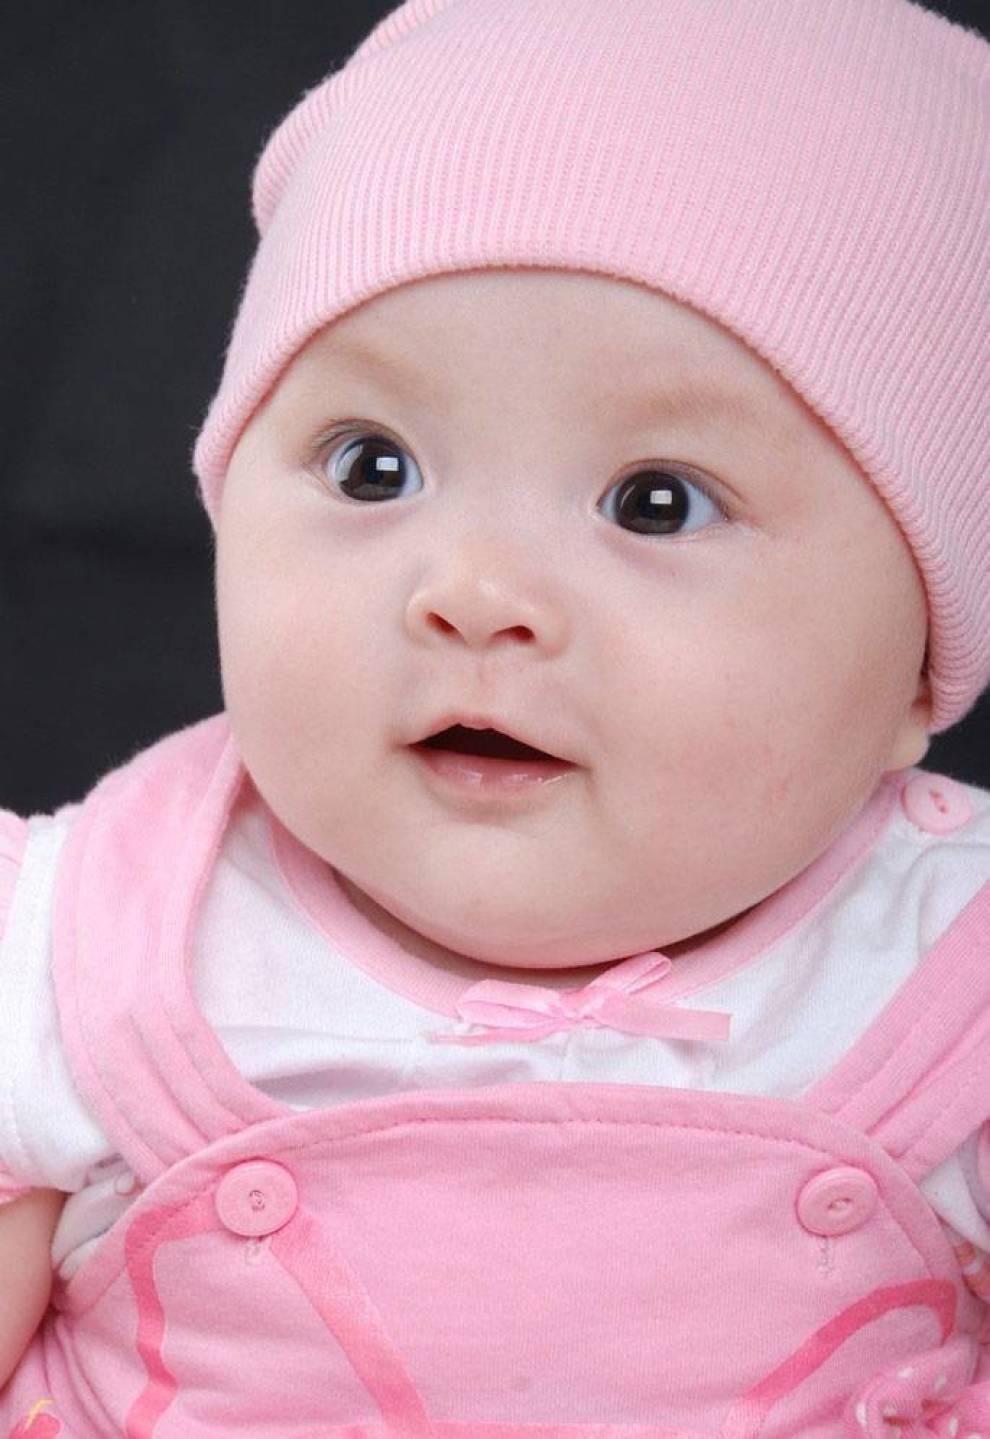 宝宝 壁纸 儿童 孩子 小孩 婴儿 685_996 竖版 竖屏 手机